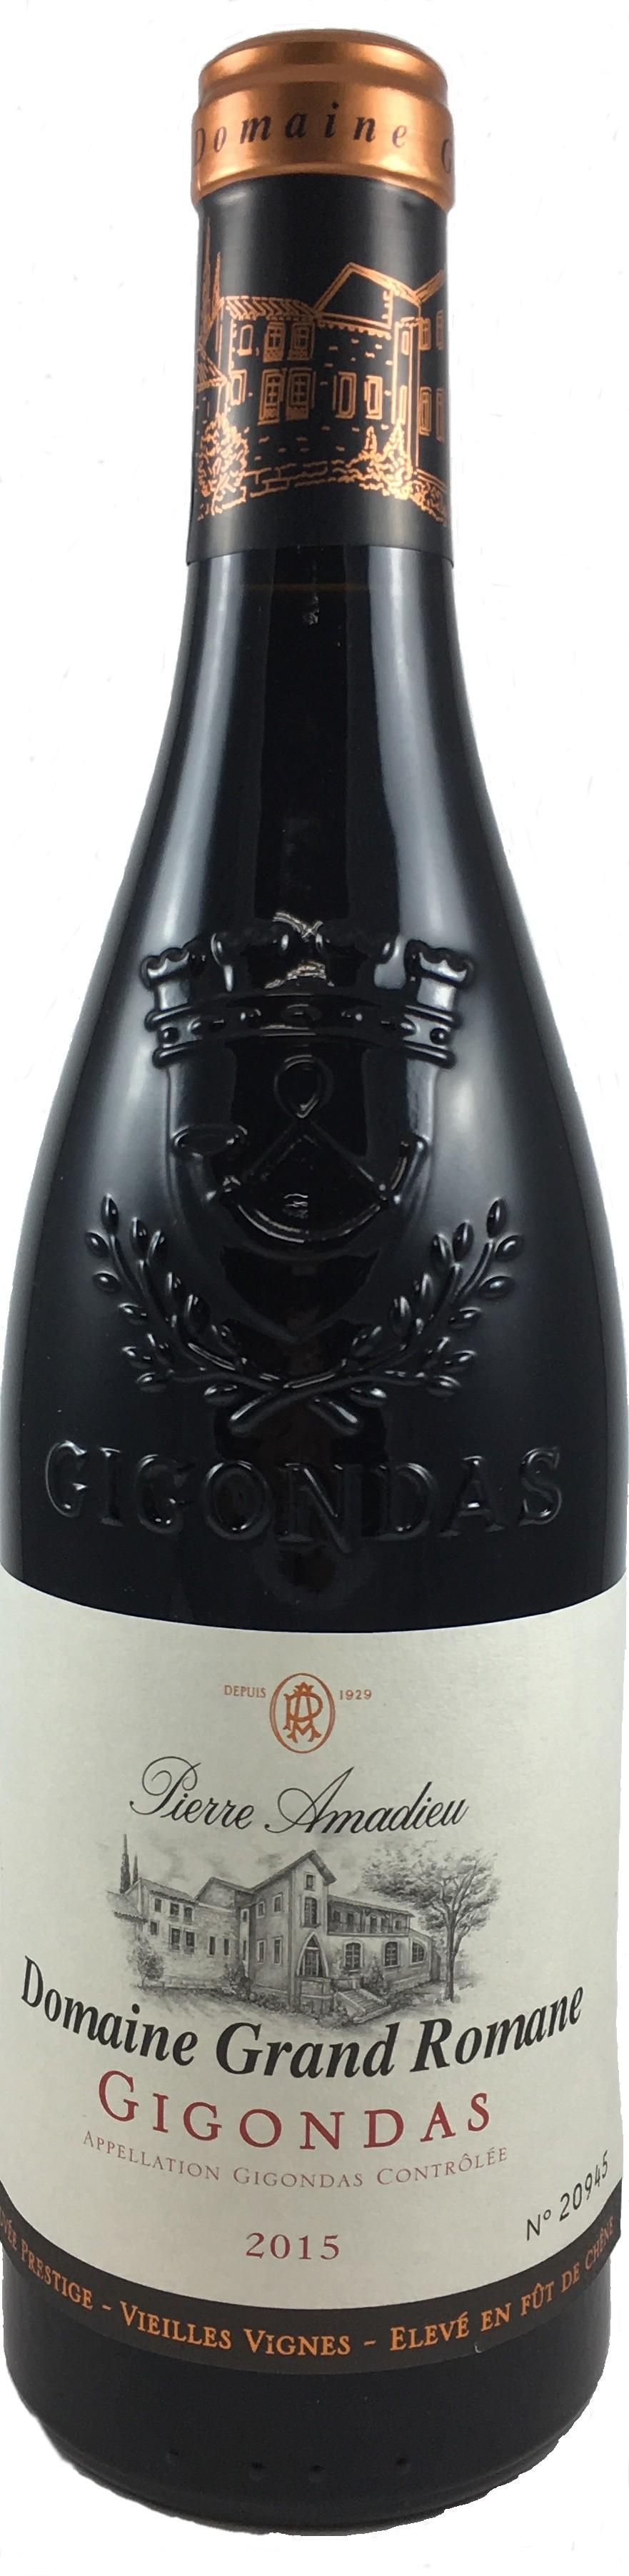 法國 隆河 吉恭達斯AOC 2015皮耶阿瑪德 浪漫堡老藤優質精釀特選紅葡萄酒